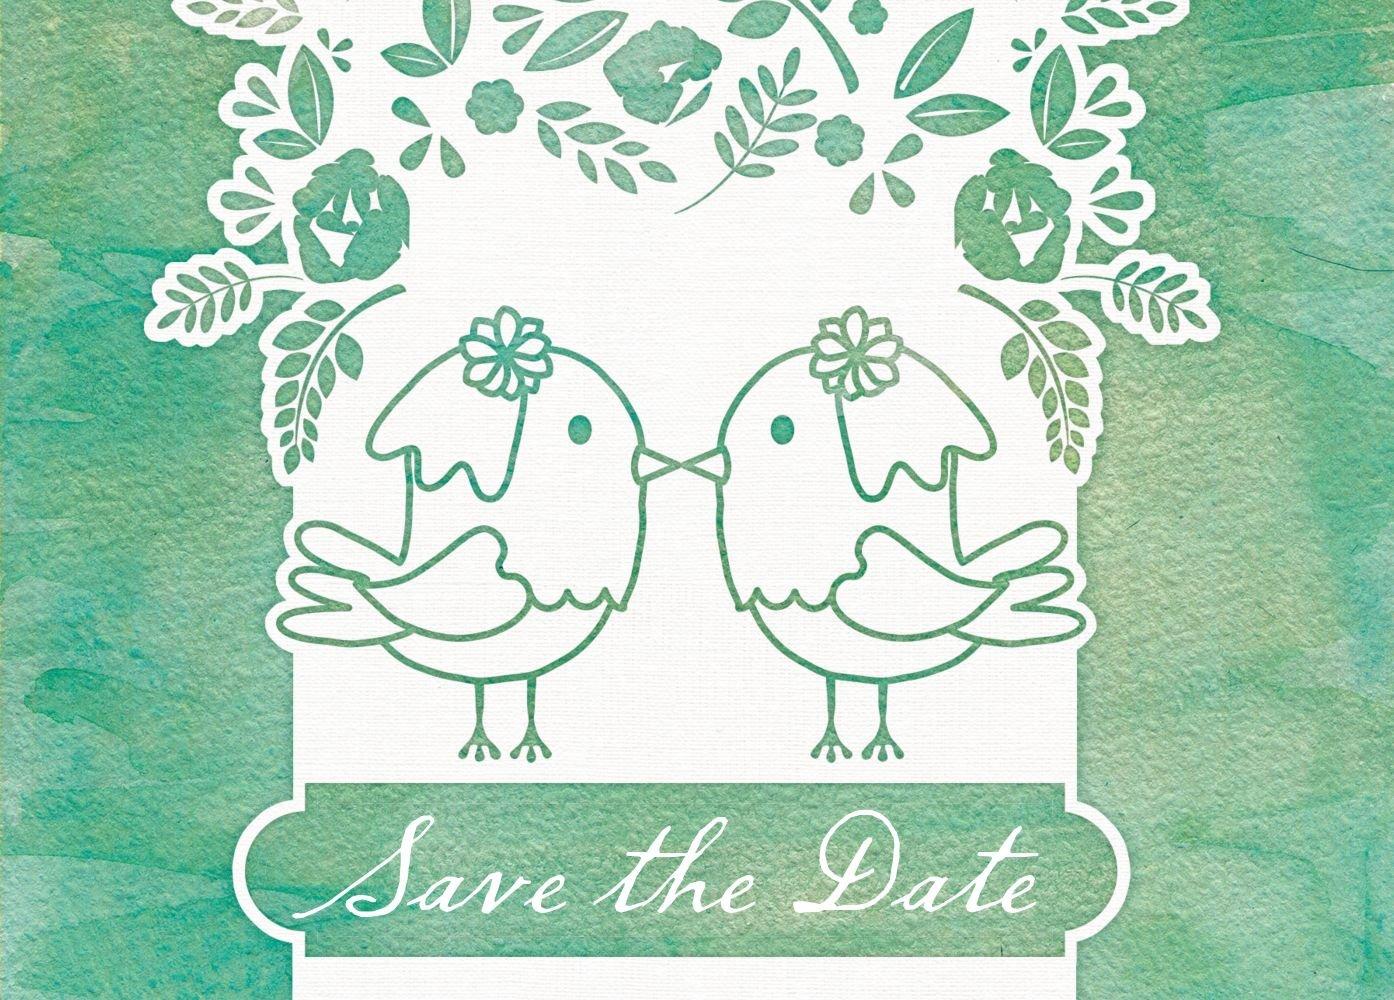 Save-the-Date Save-the-Date Save-the-Date Vogelpaar - Frauen, 80 Karten, MattGrün B07B6MJNPW | Großhandel  | Erste in seiner Klasse  | Toy Story  5b1cc9